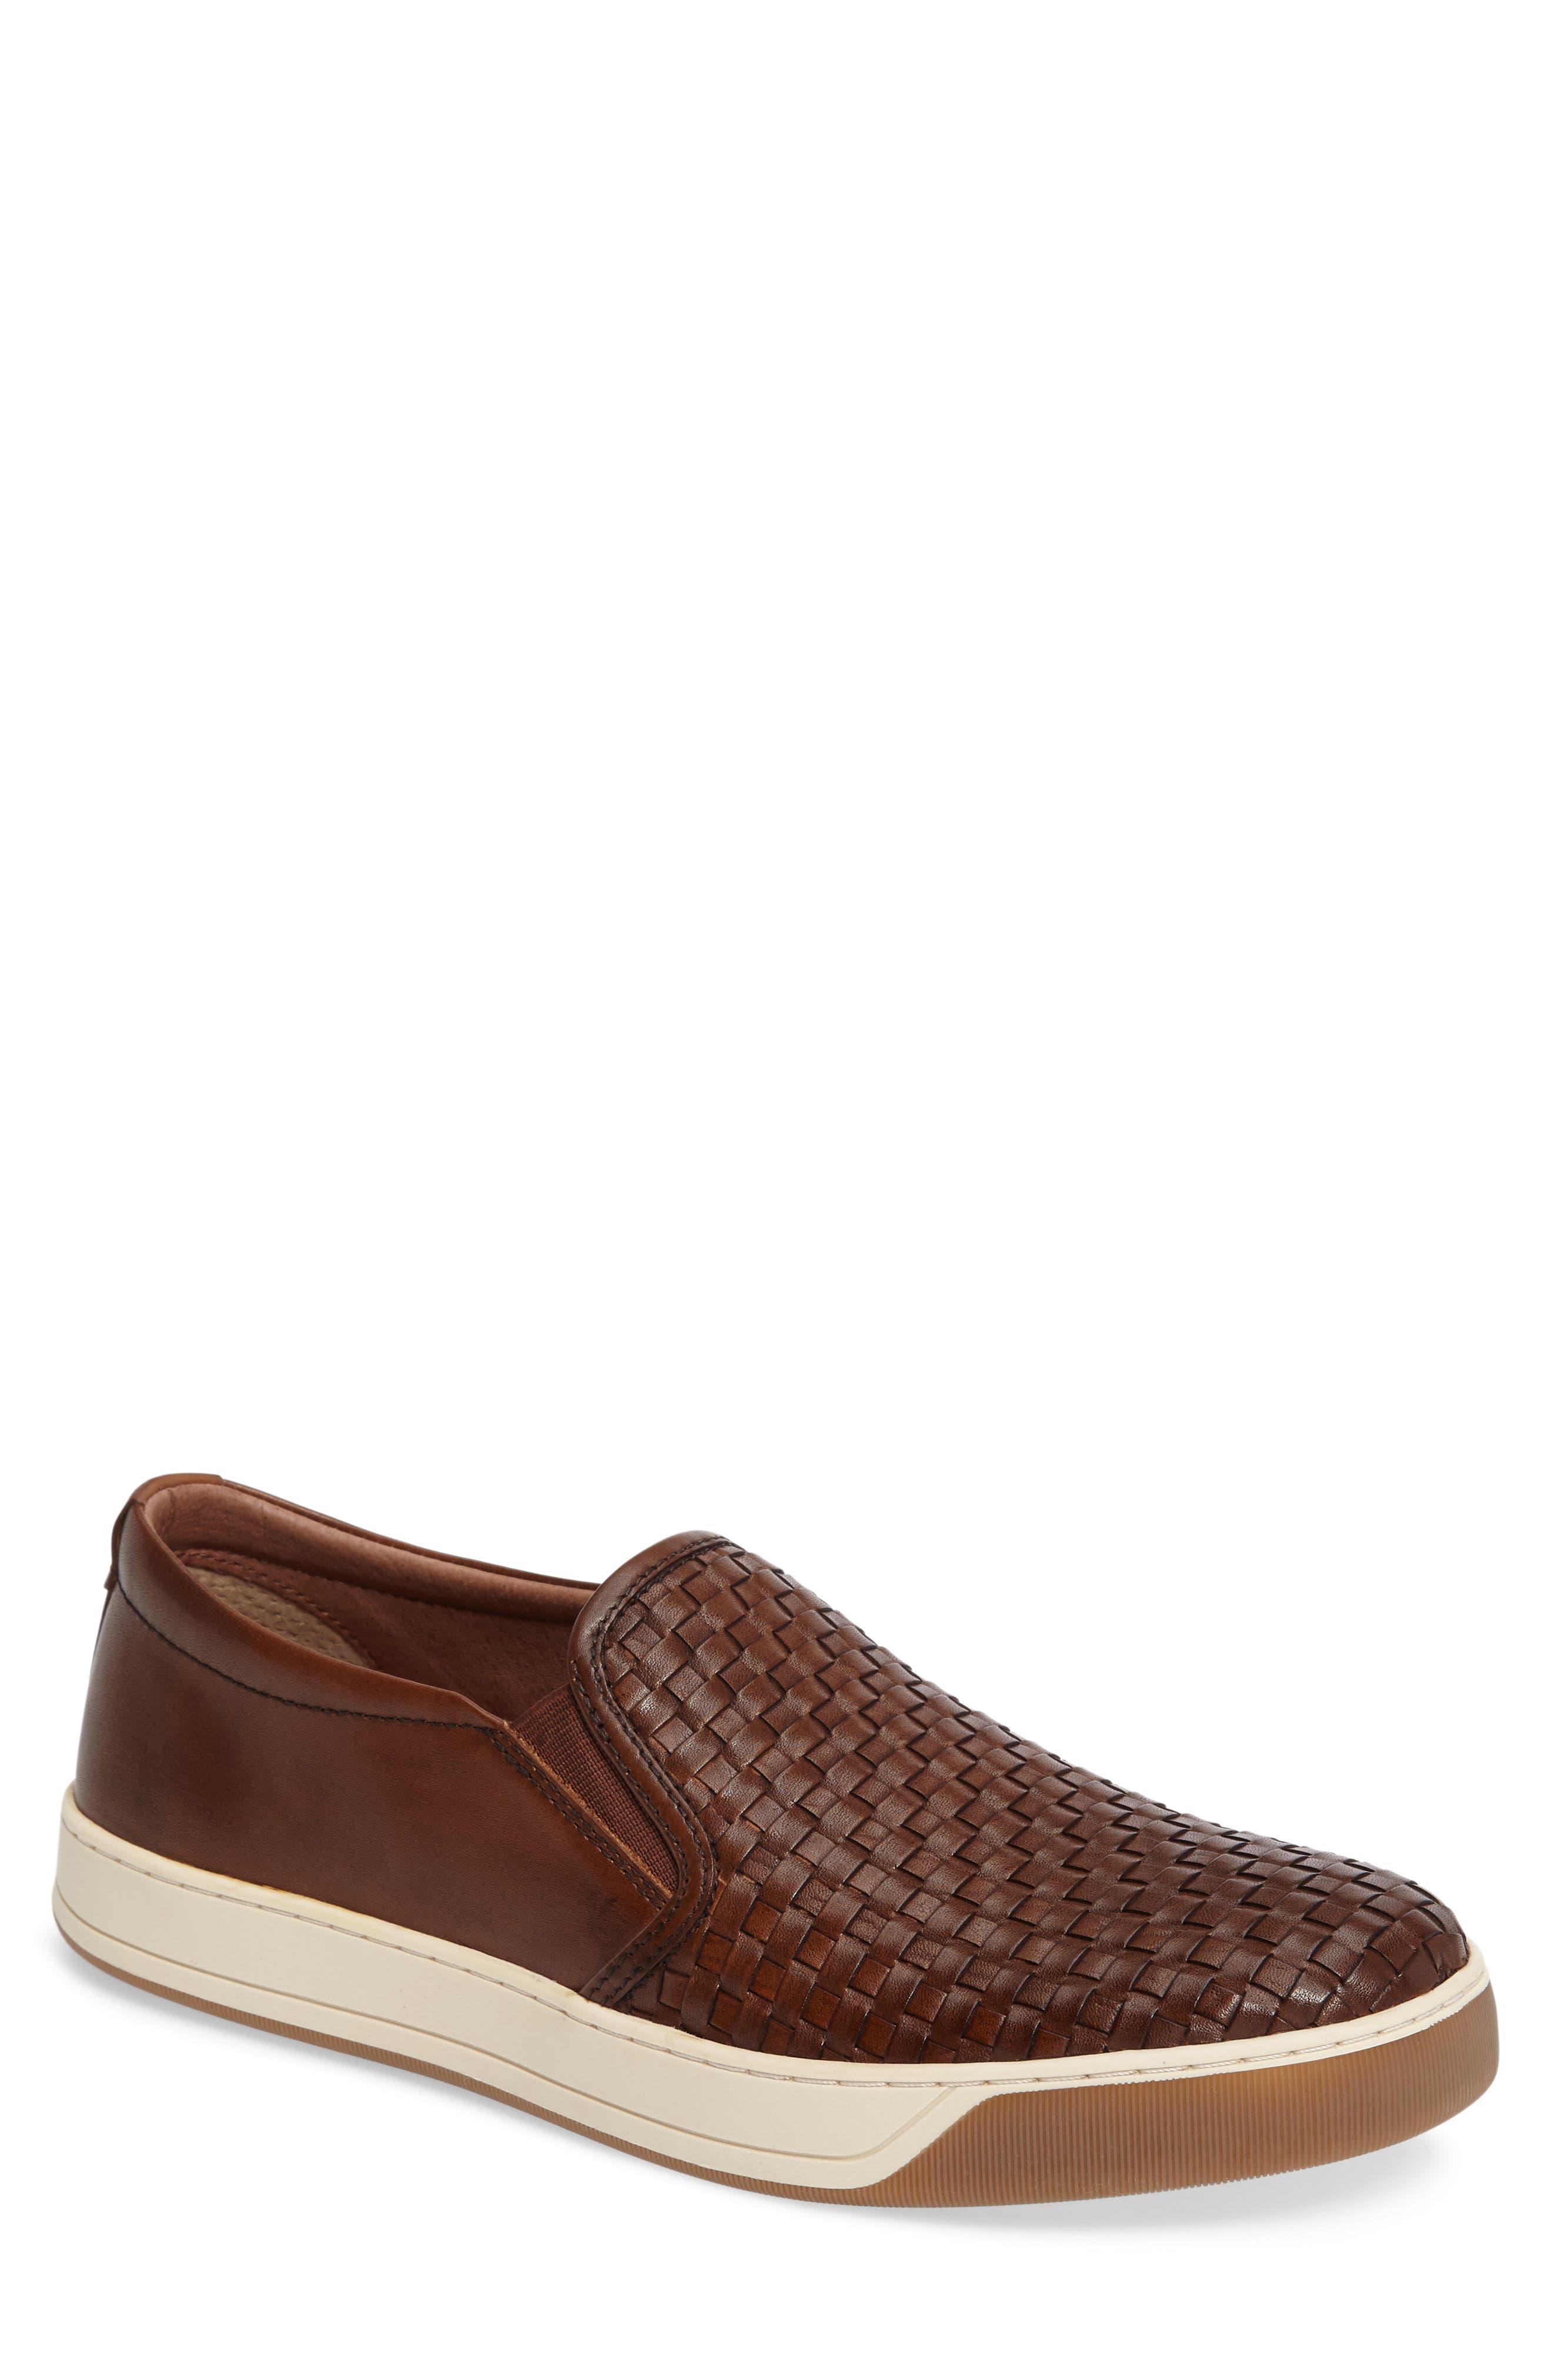 J\u0026M 1850 Allister Slip-On Sneaker (Men